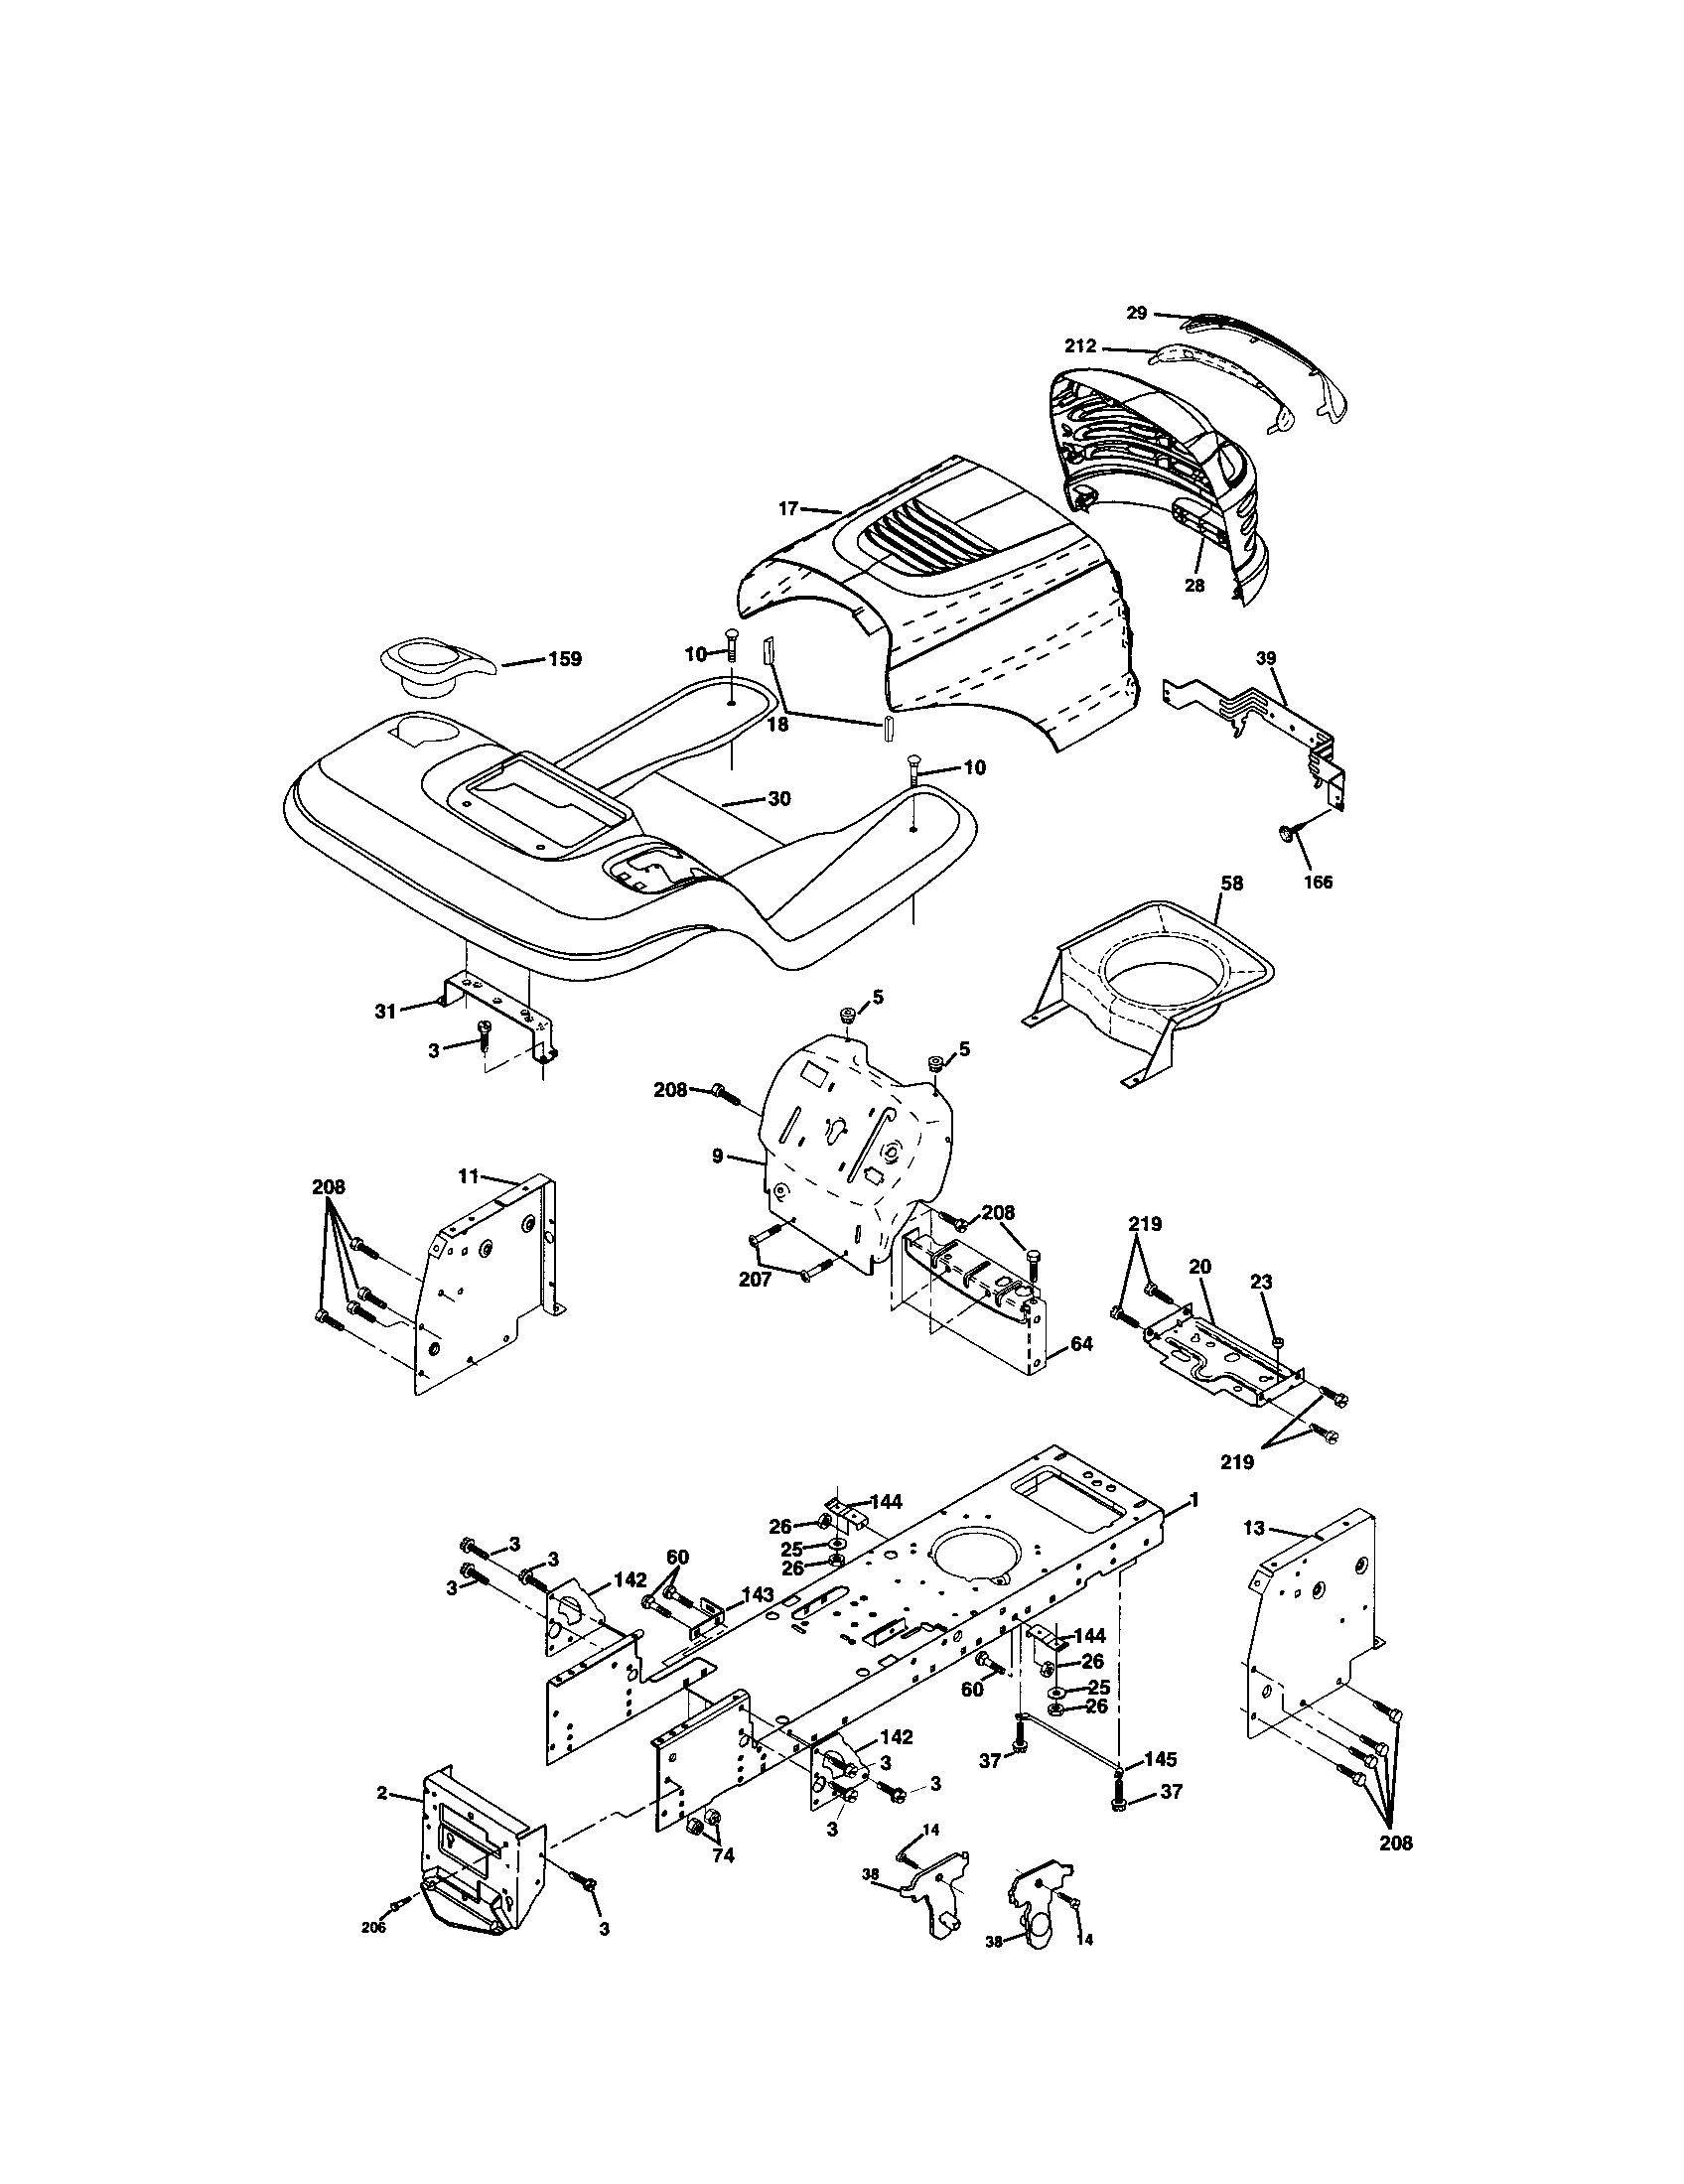 Craftsman model 917271920 lawn, tractor genuine parts